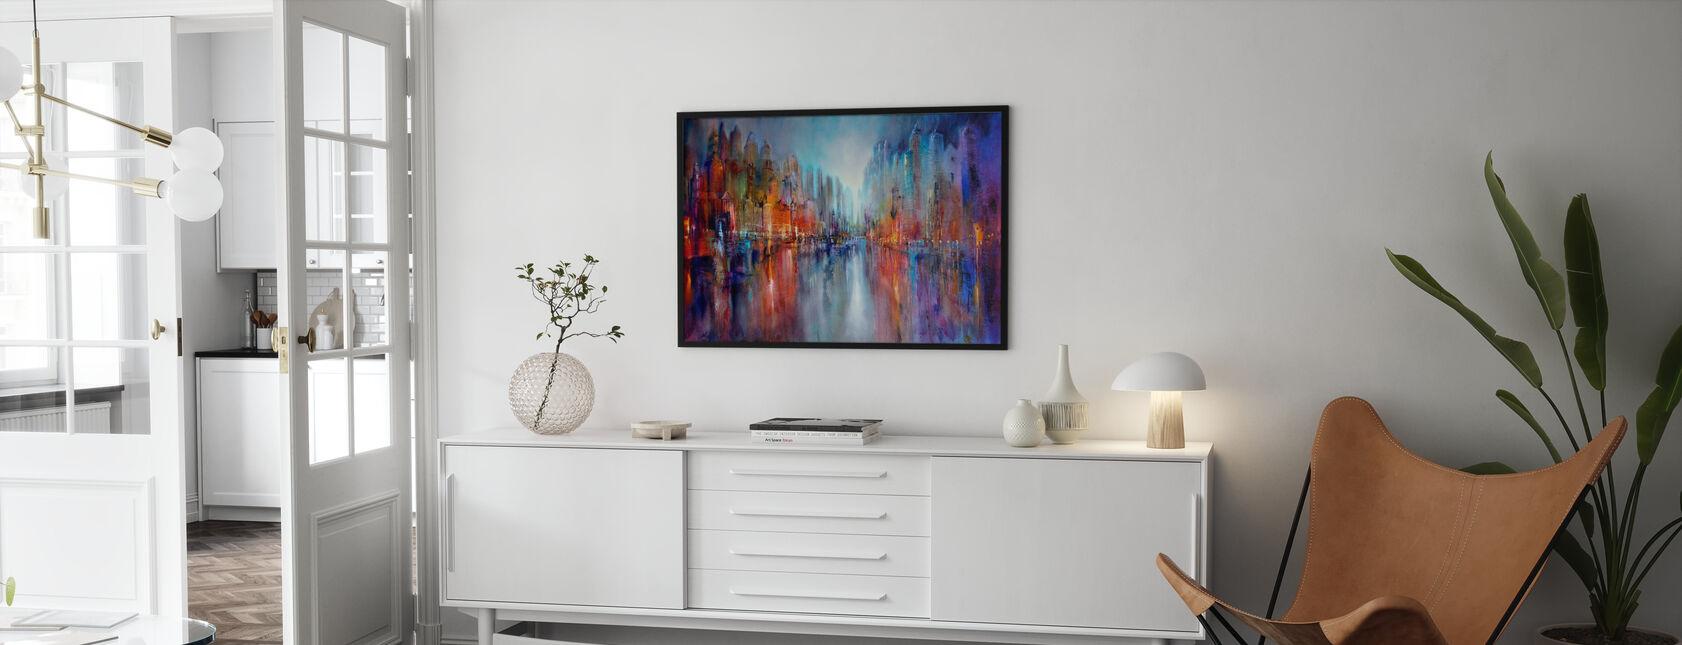 City on the River - Framed print - Living Room